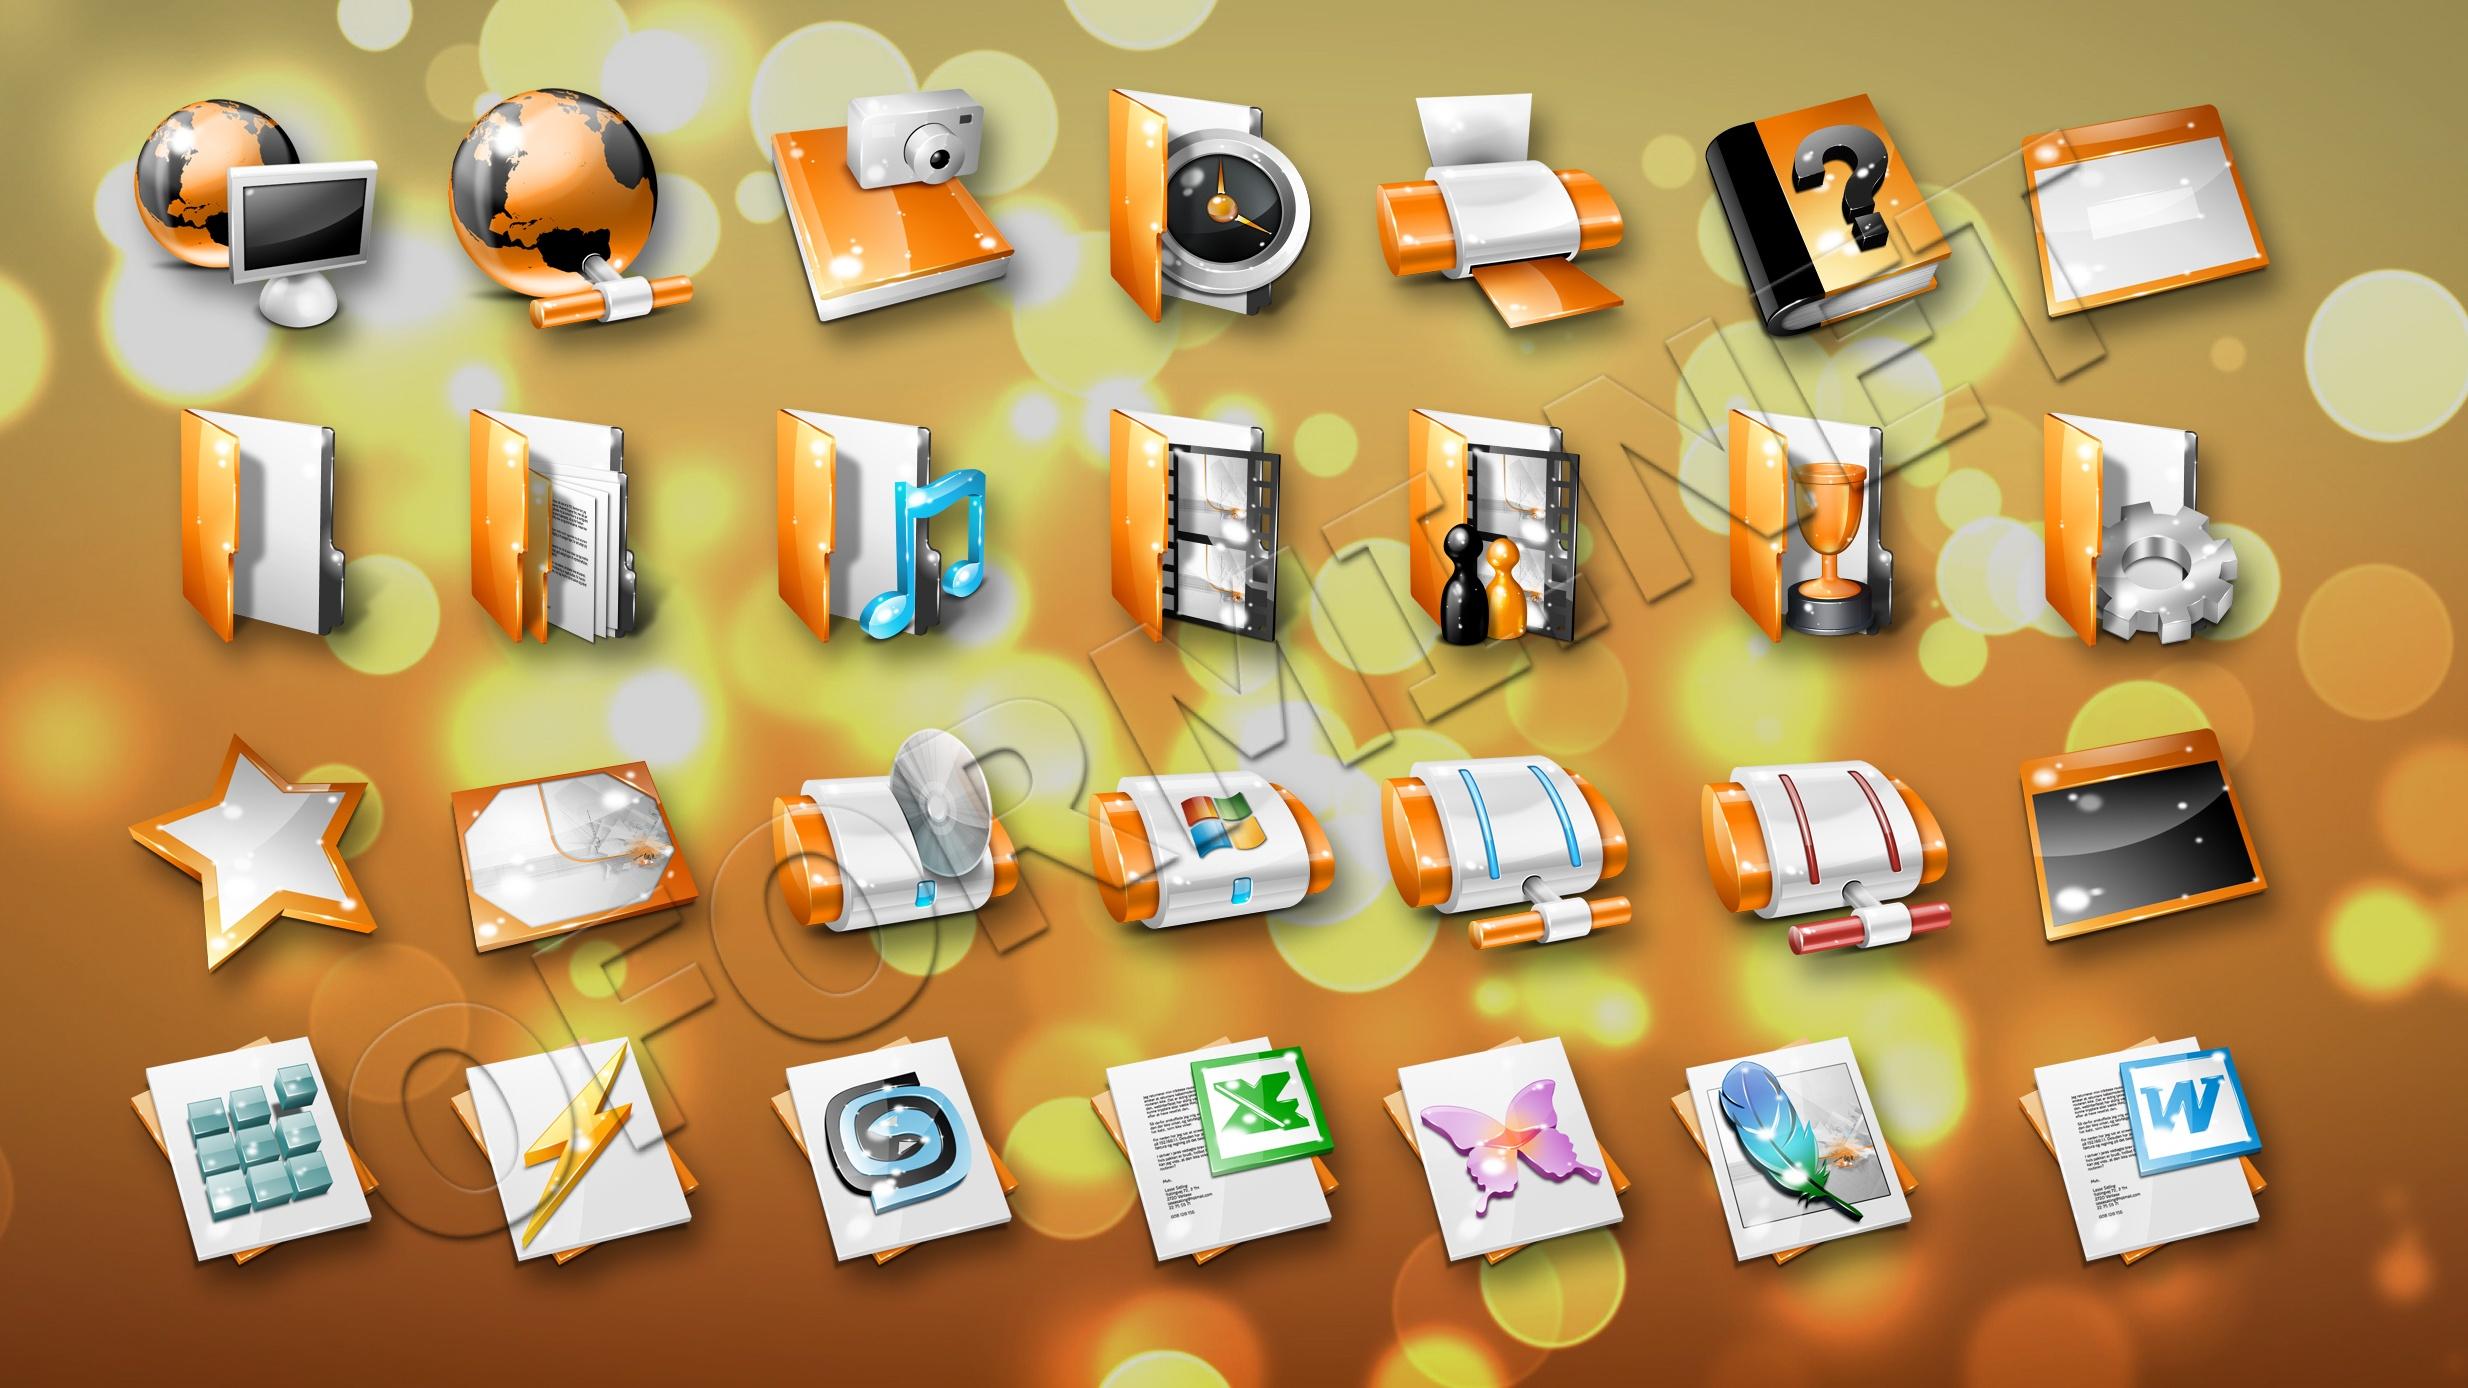 Папки с картинками для рабочего стола